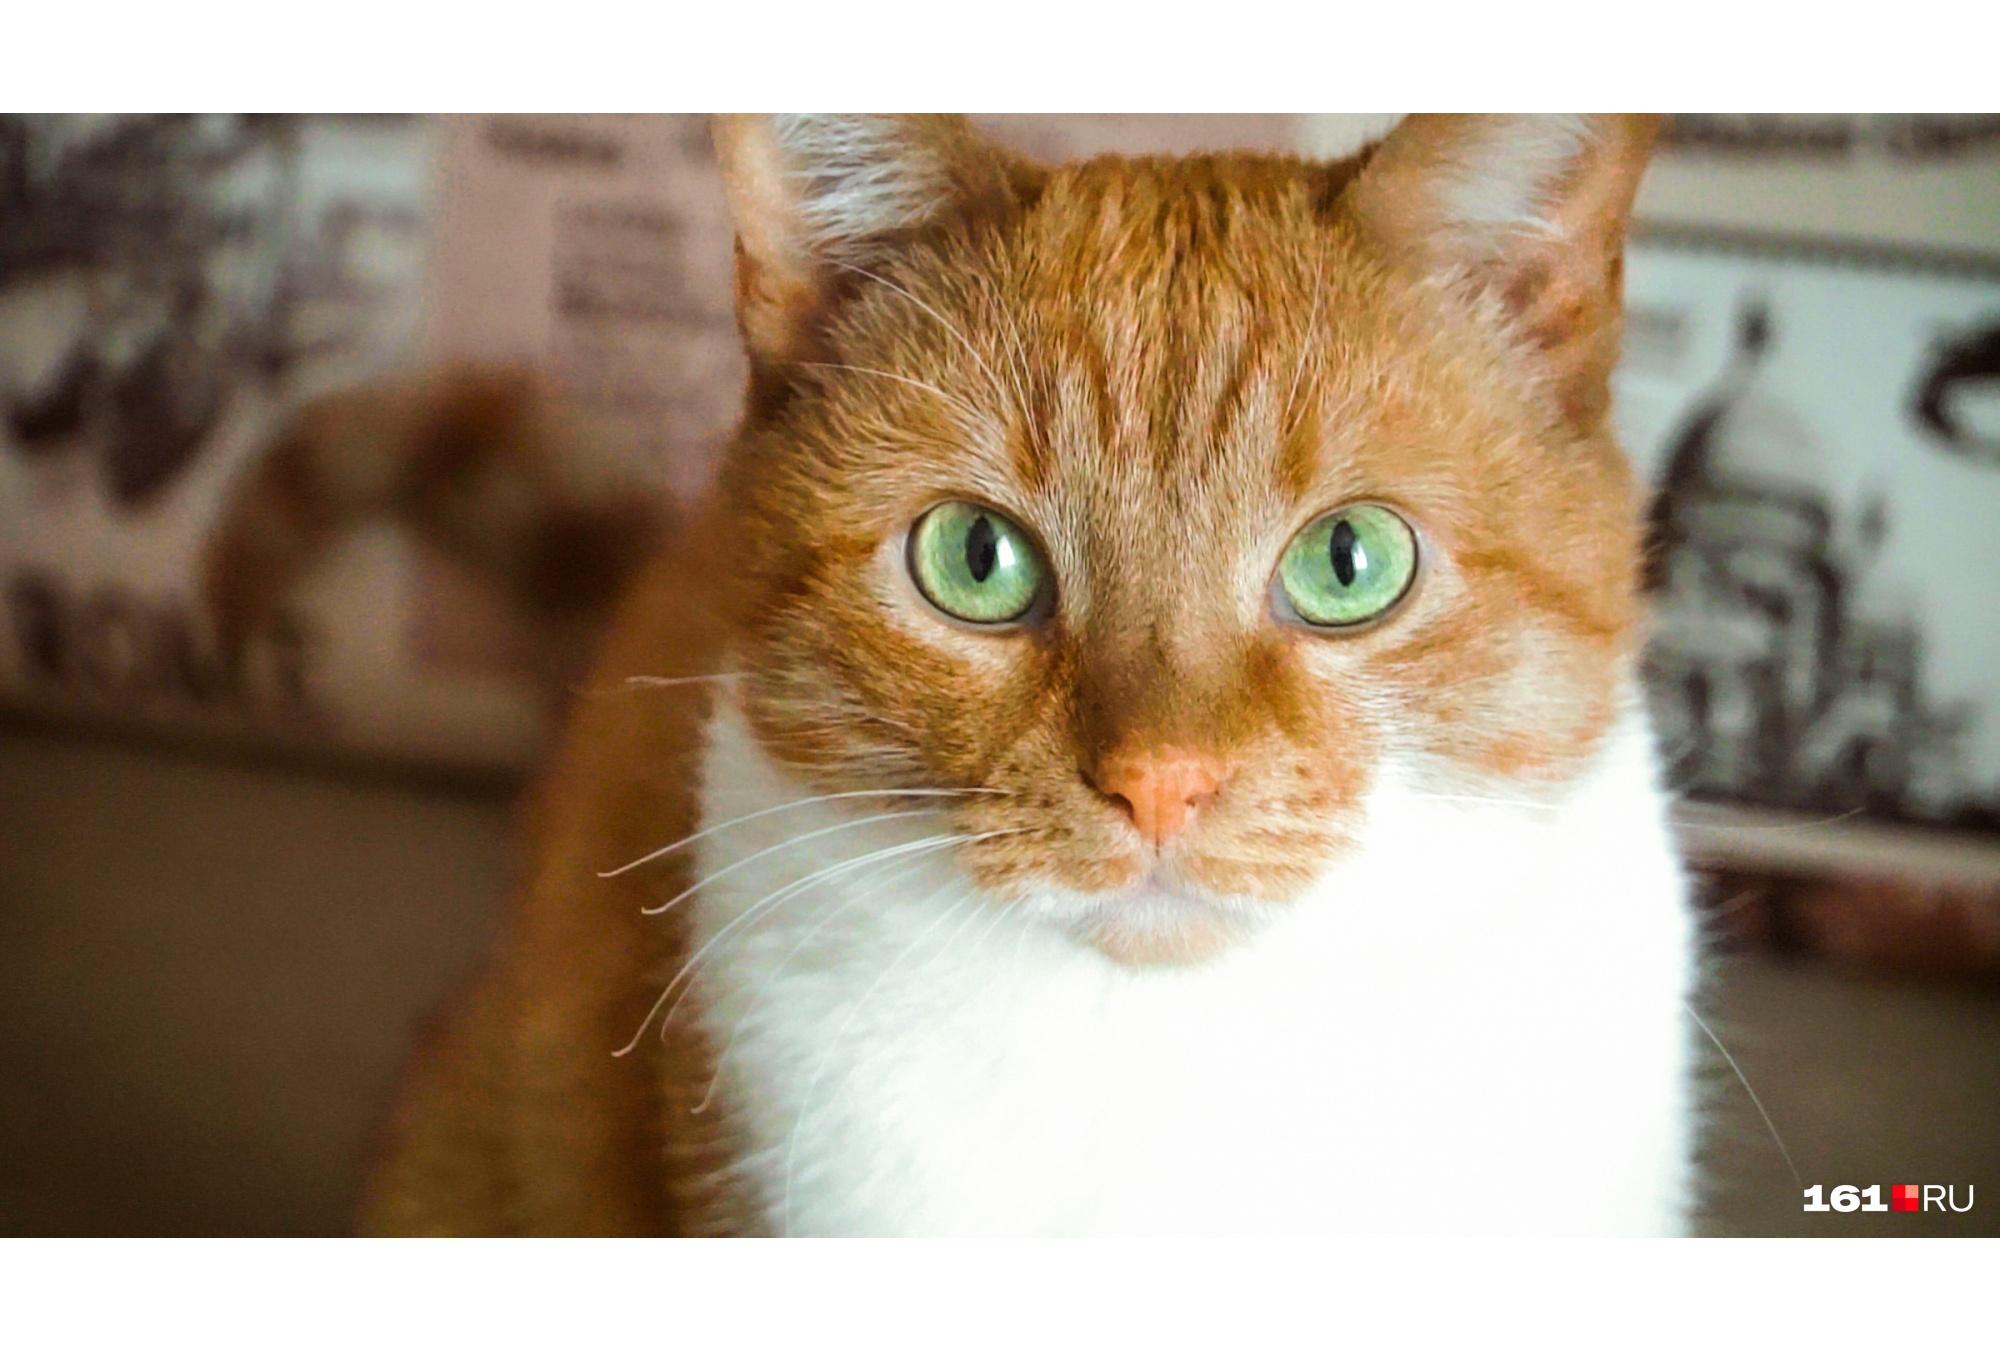 Доволен и рыжий кот семейства, который постоянно мерз на Суворова<br>